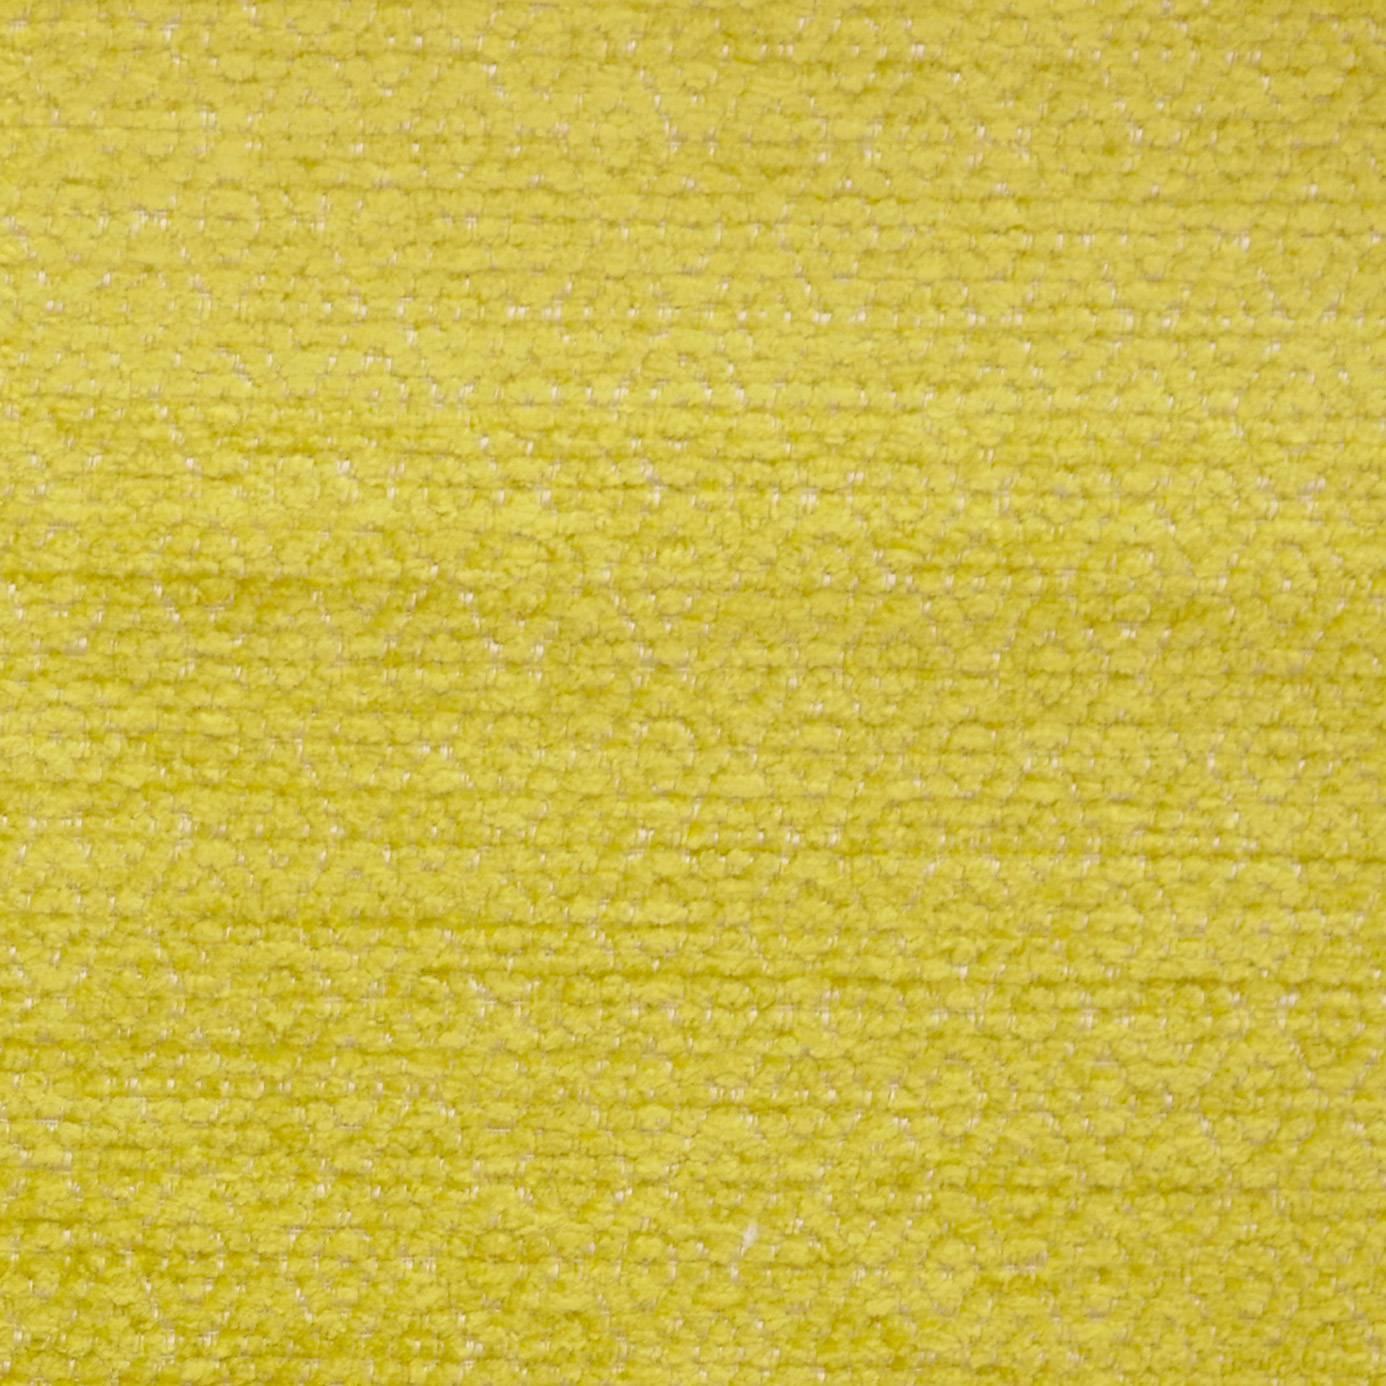 Veneto Fabric Mimosa F1947 15 Designers Guild